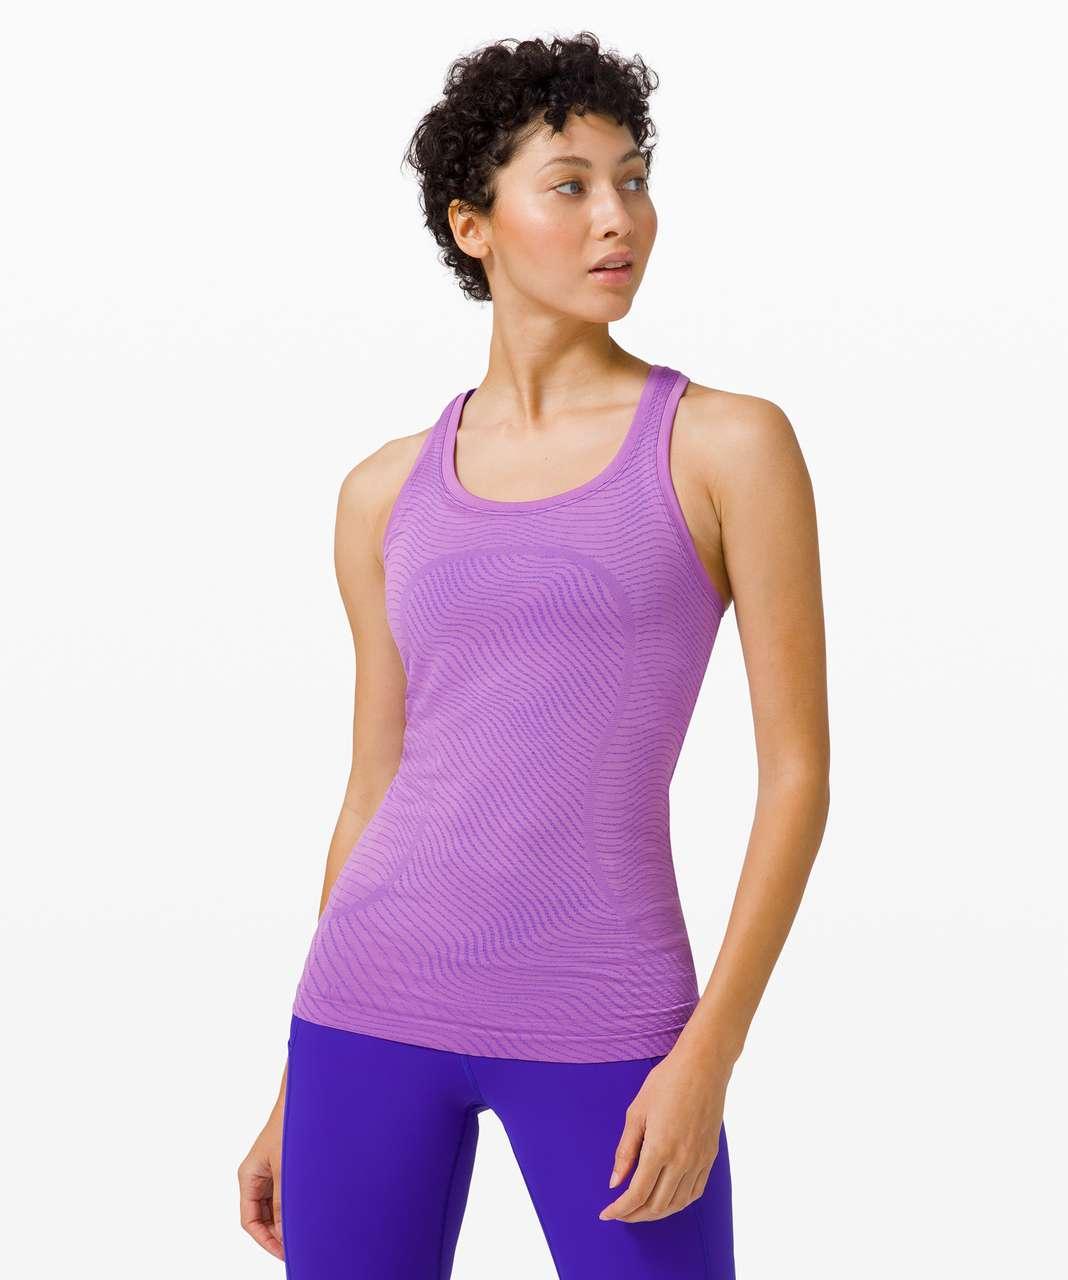 Lululemon Swiftly Speed Racerback *SeaWheeze - Illusion Purple Blossom / Lazurite